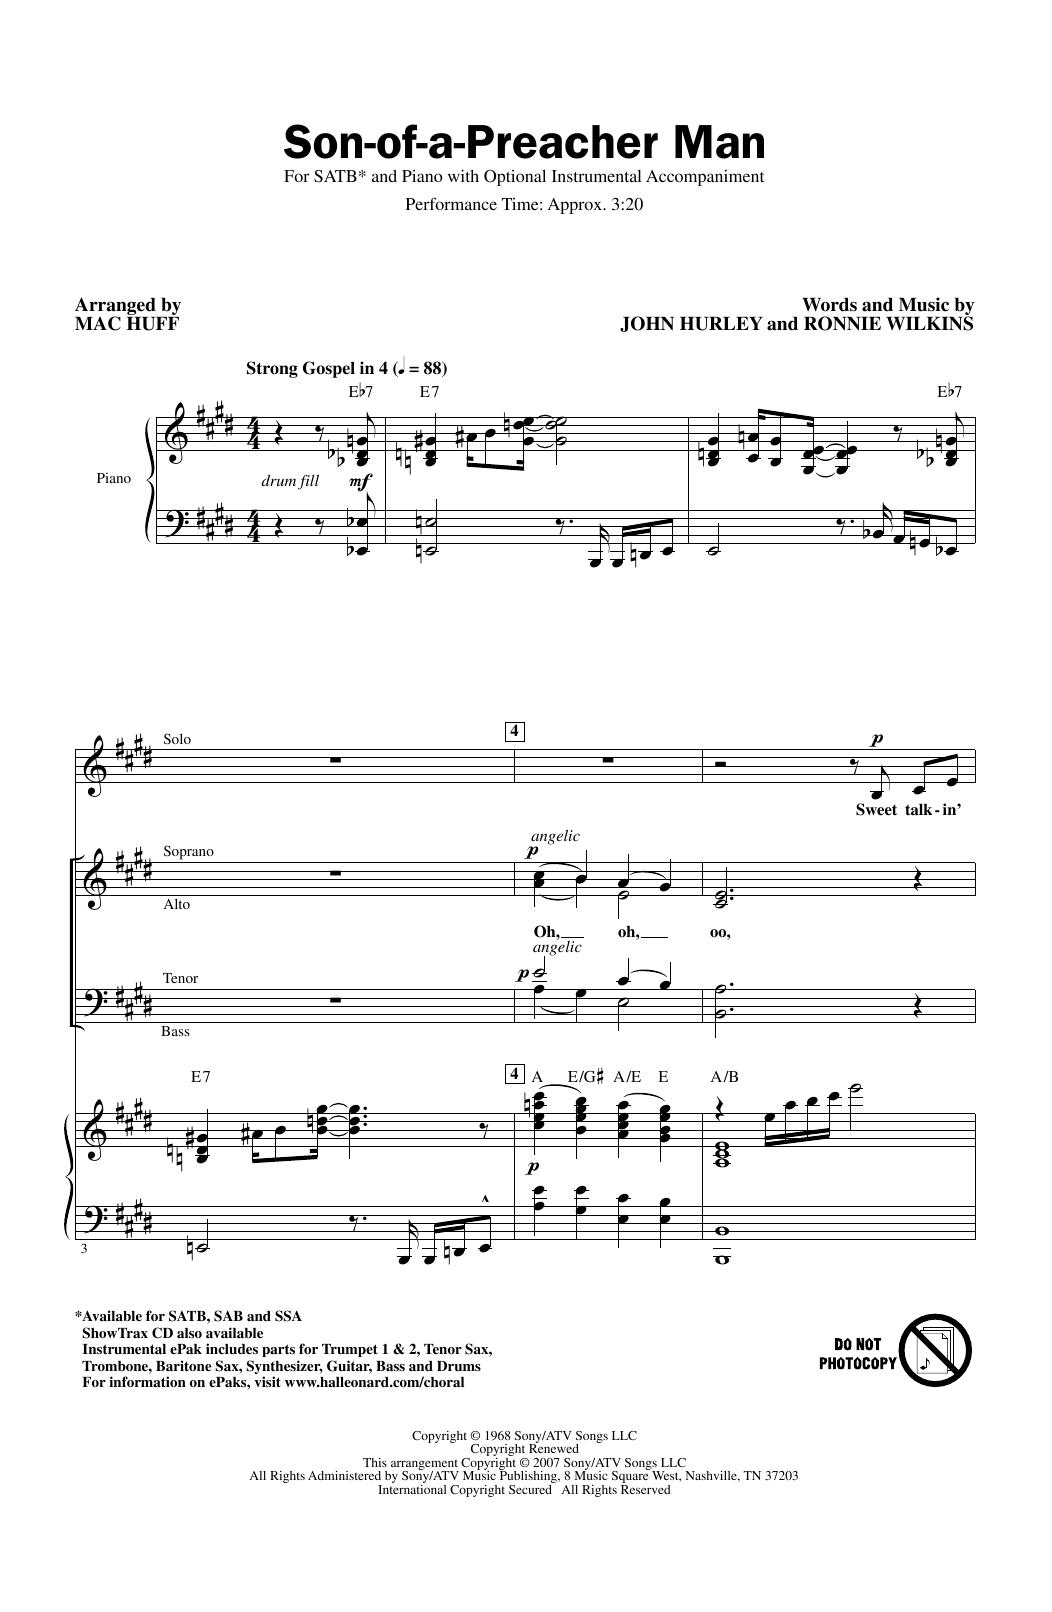 Son-Of-A-Preacher Man (arr. Mac Huff) (SATB Choir)